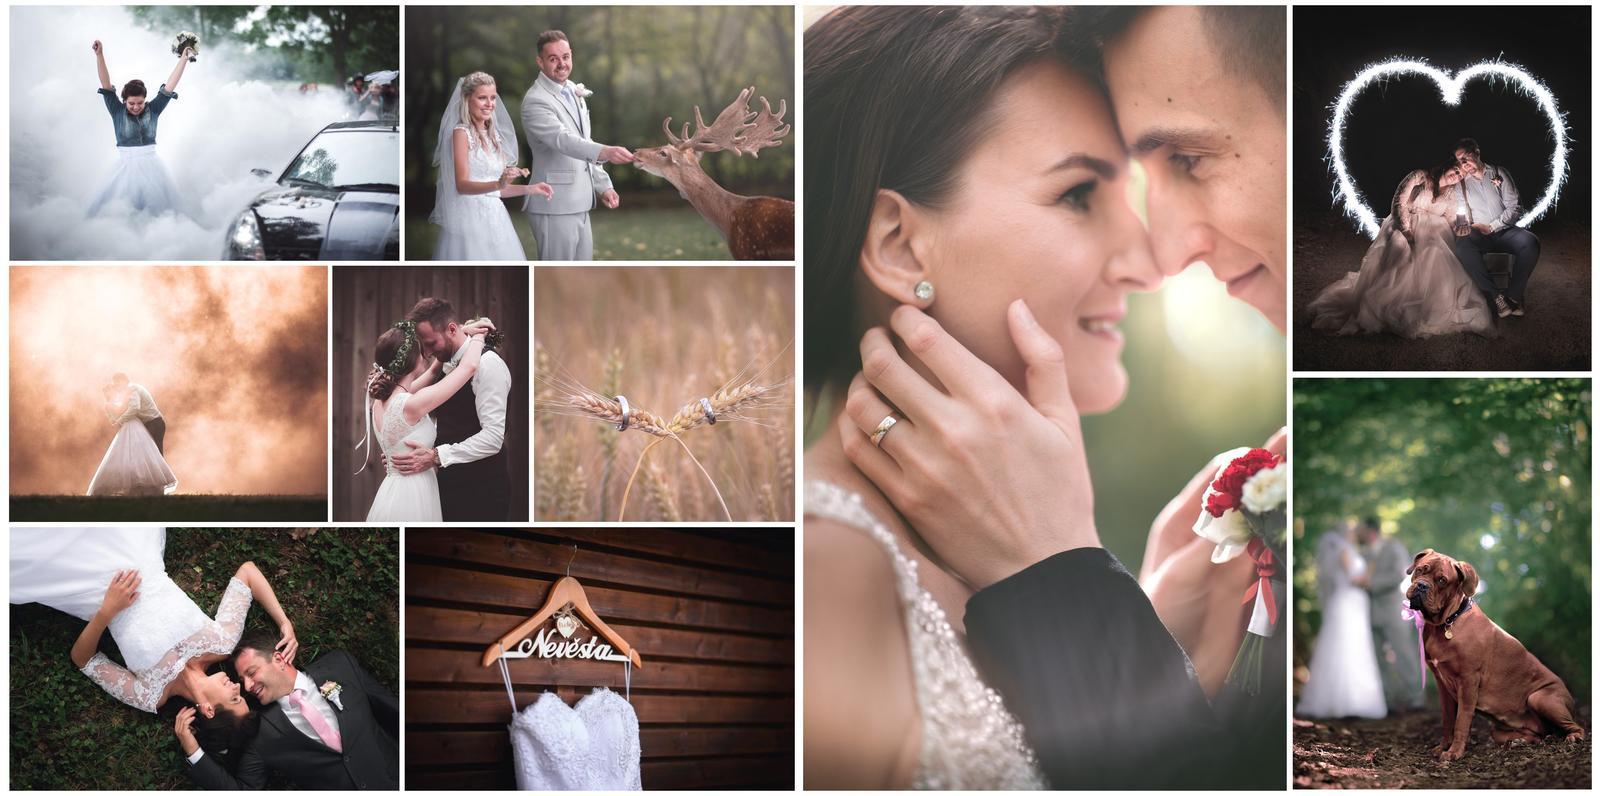 Milé nevěsty, díky složité situaci... - Obrázek č. 1